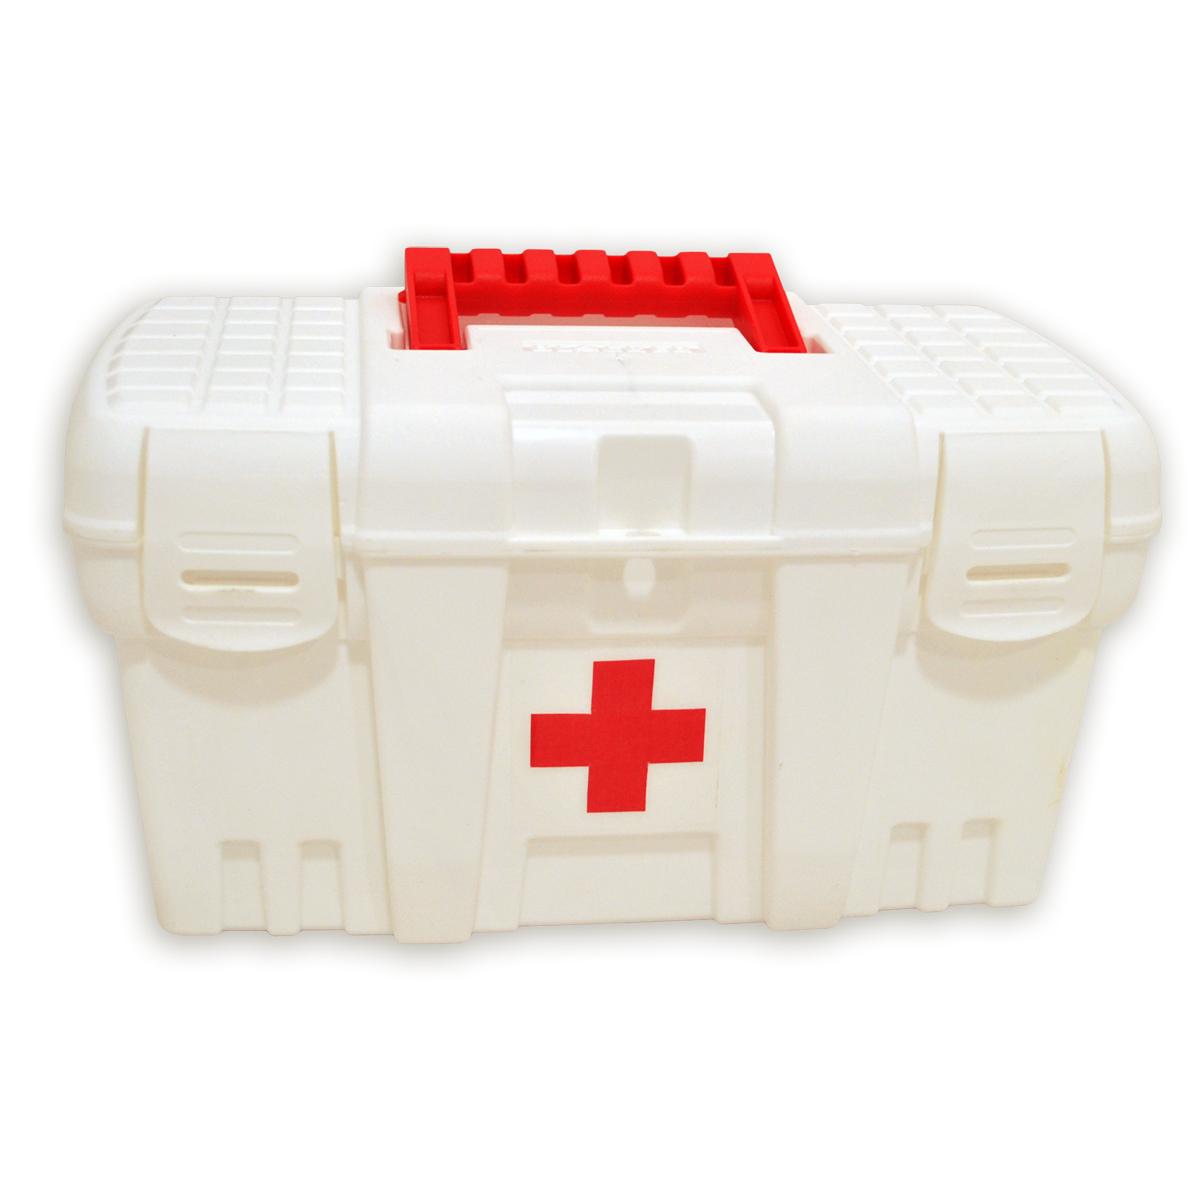 Аптечка Blocker Скорая Помощь, цвет: белый, 265 х 155 х 140 ммRG-D31SАптечка Blocker Скорая Помощь необходима в каждом доме. Высота аптечки позволяет хранить не только таблетки, но и пузырьки с жидкостью в вертикальном положении. Защелкивающиеся замки препятствуют случайному открытию. Аптечка снабжена петлей для навесного замка для защиты малышей от доступа к лекарствам.